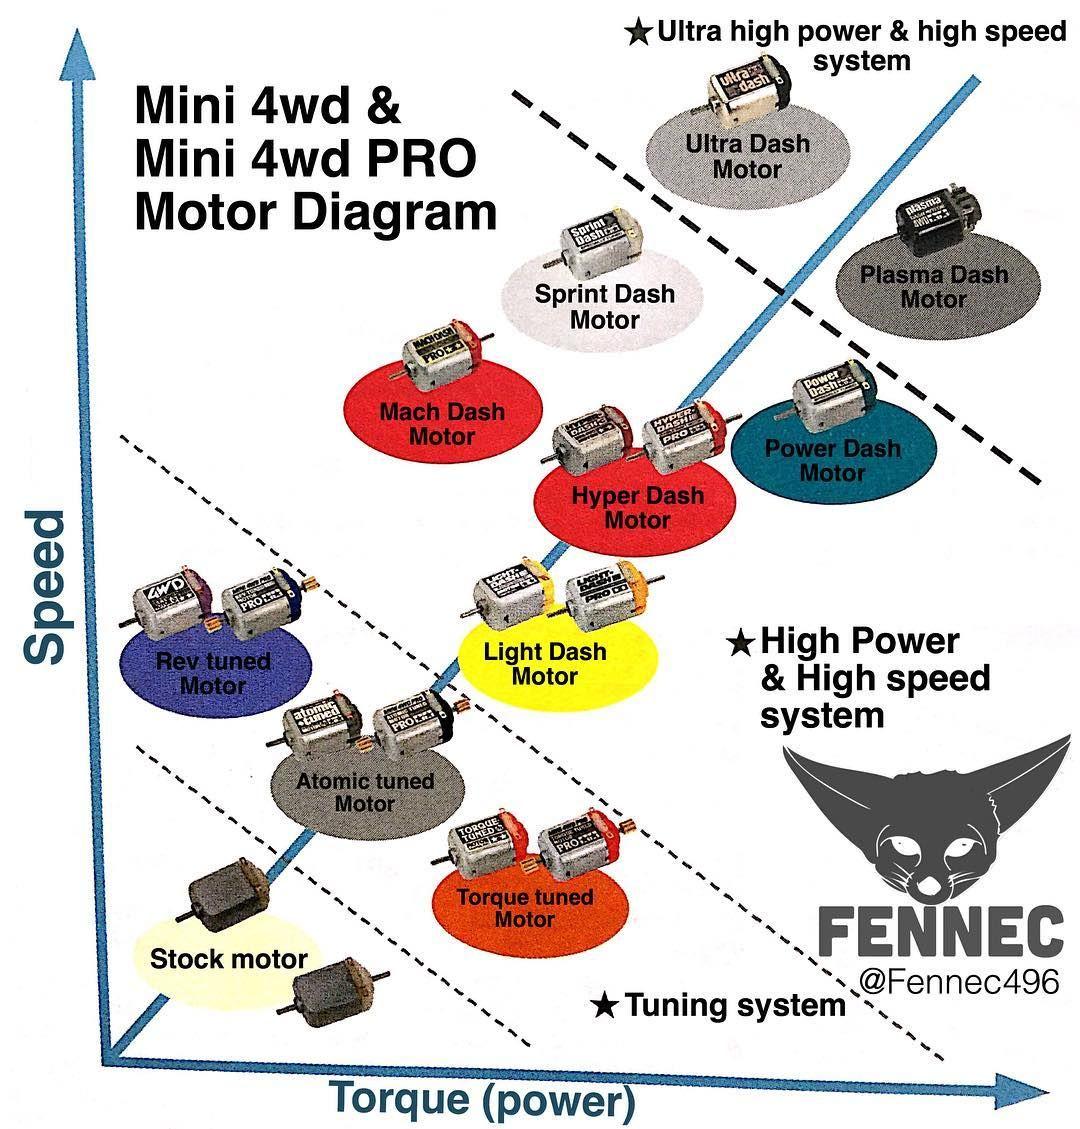 tamiya motor diagram  [ 1080 x 1129 Pixel ]